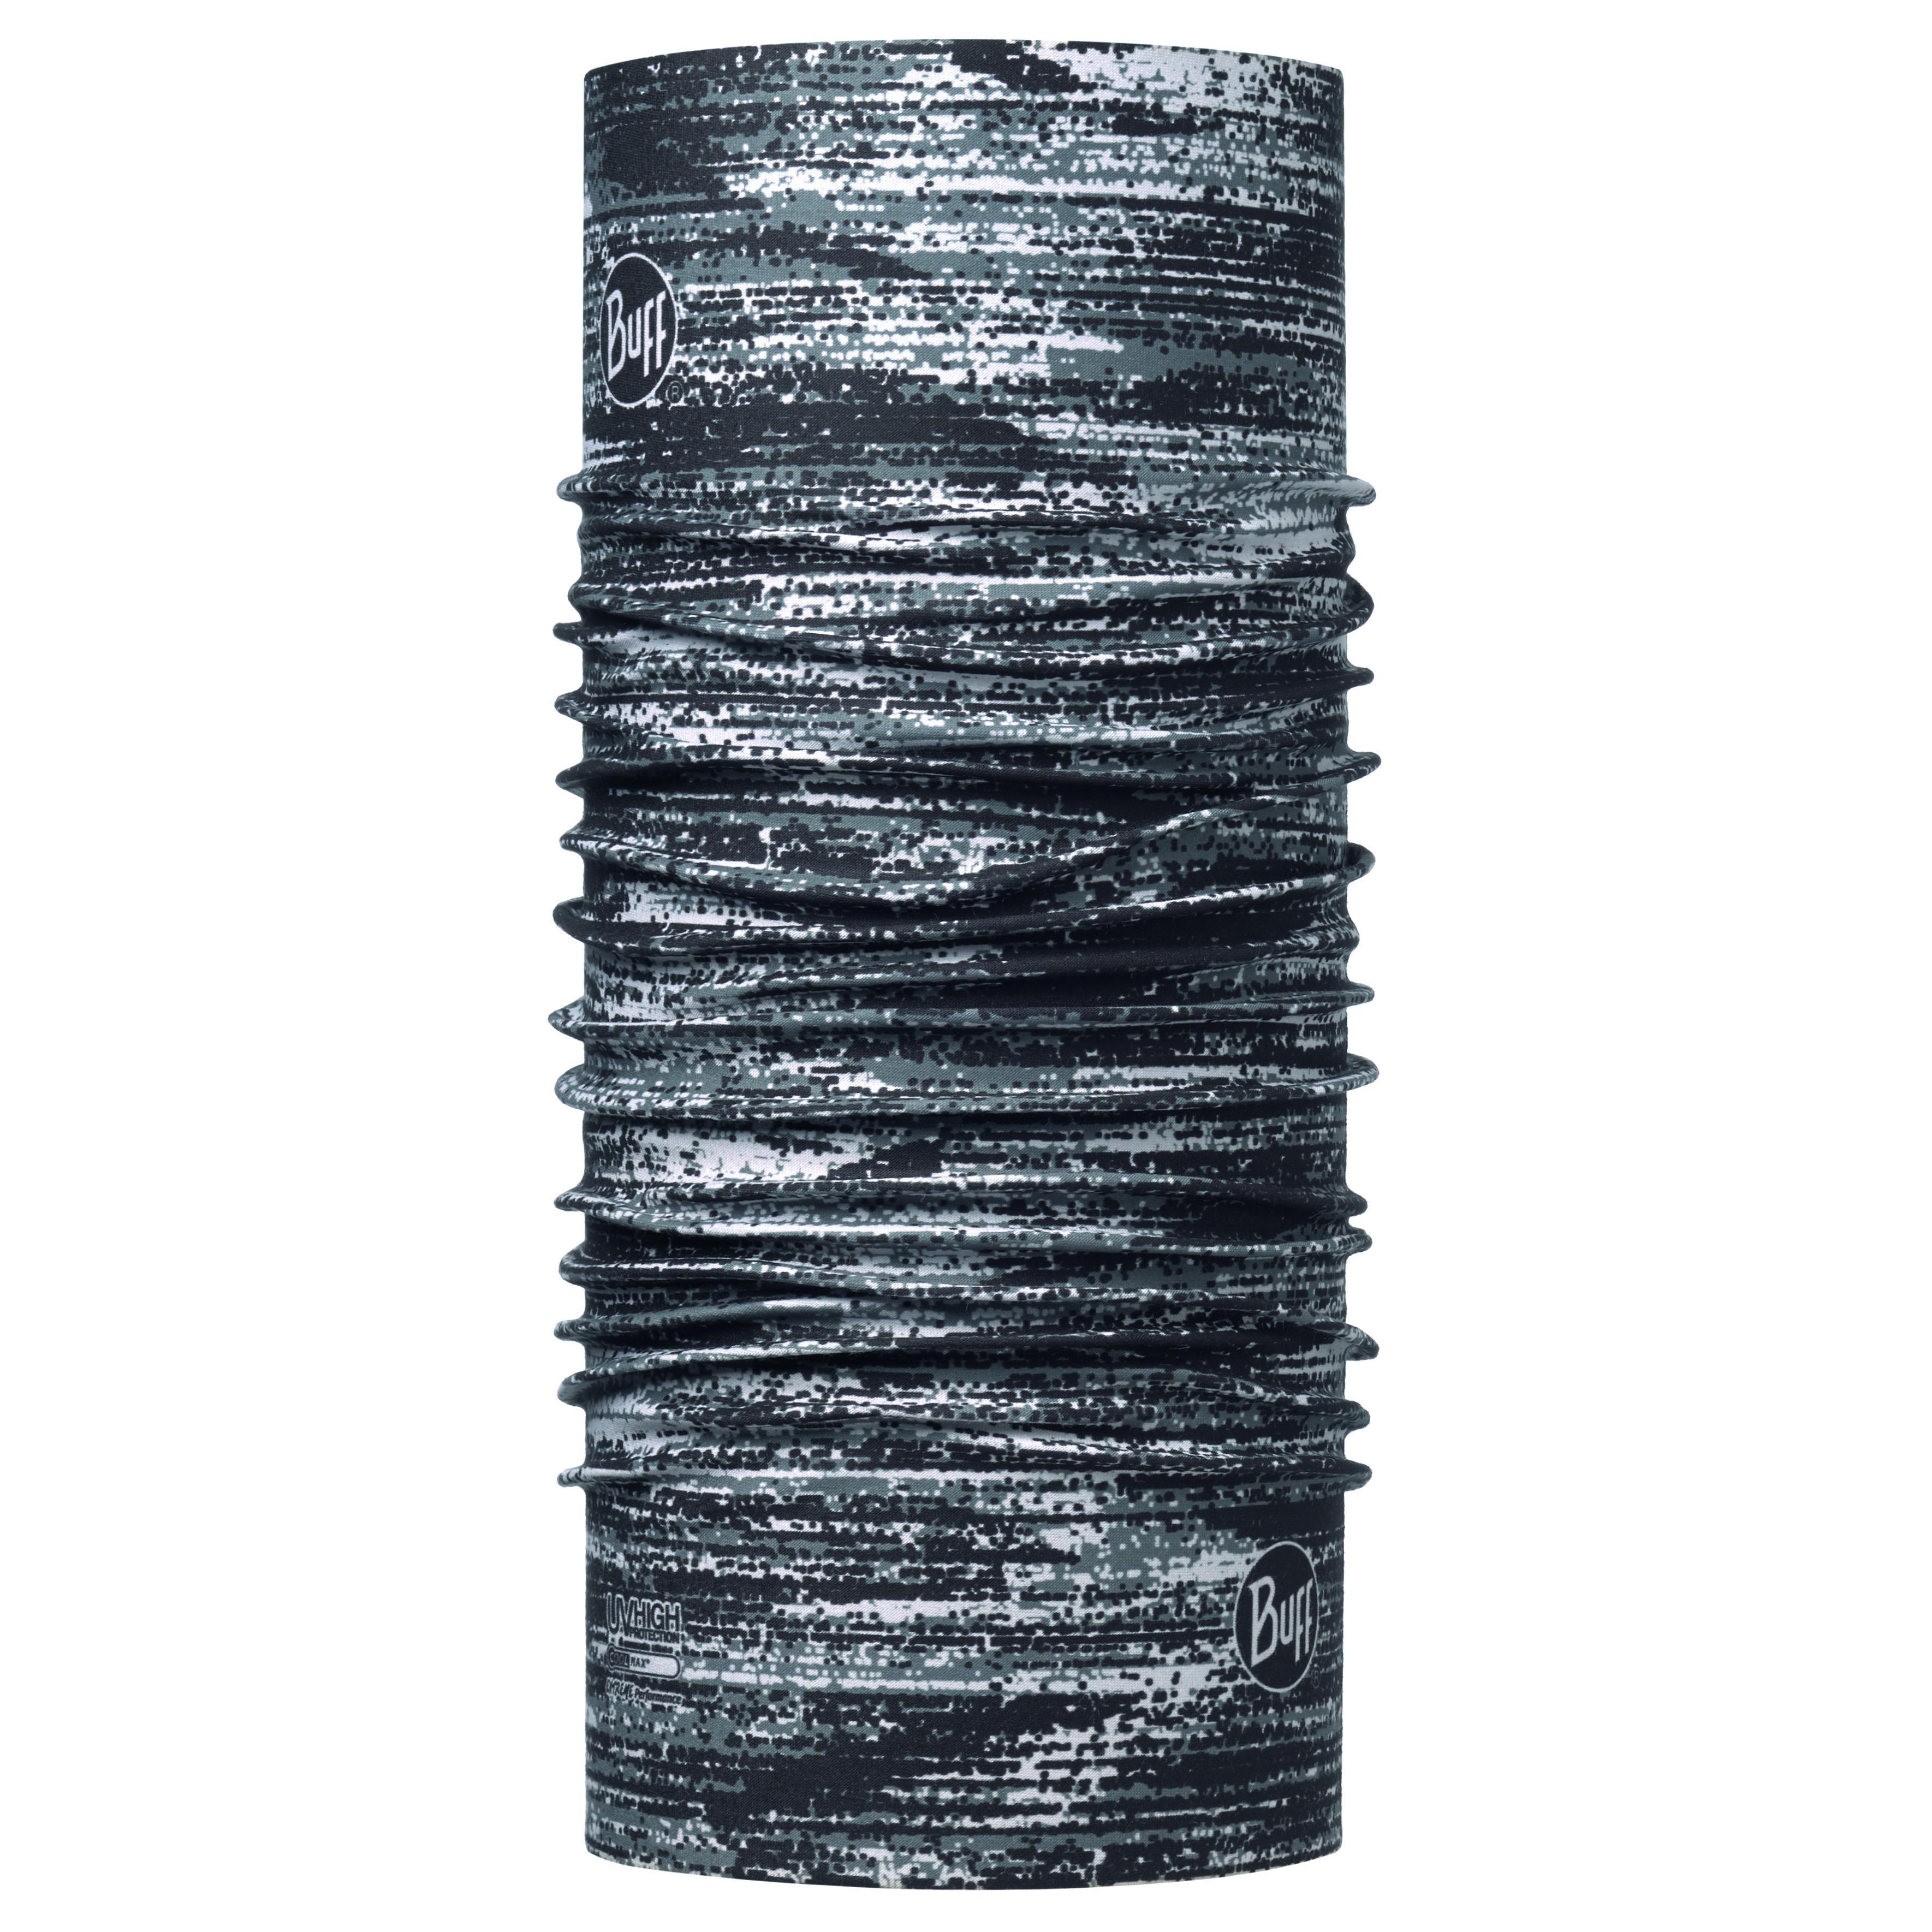 Купить Бандана BUFF UV PROTECTION INTERFERENCE GARGOYLE Банданы и шарфы Buff ® 1312815